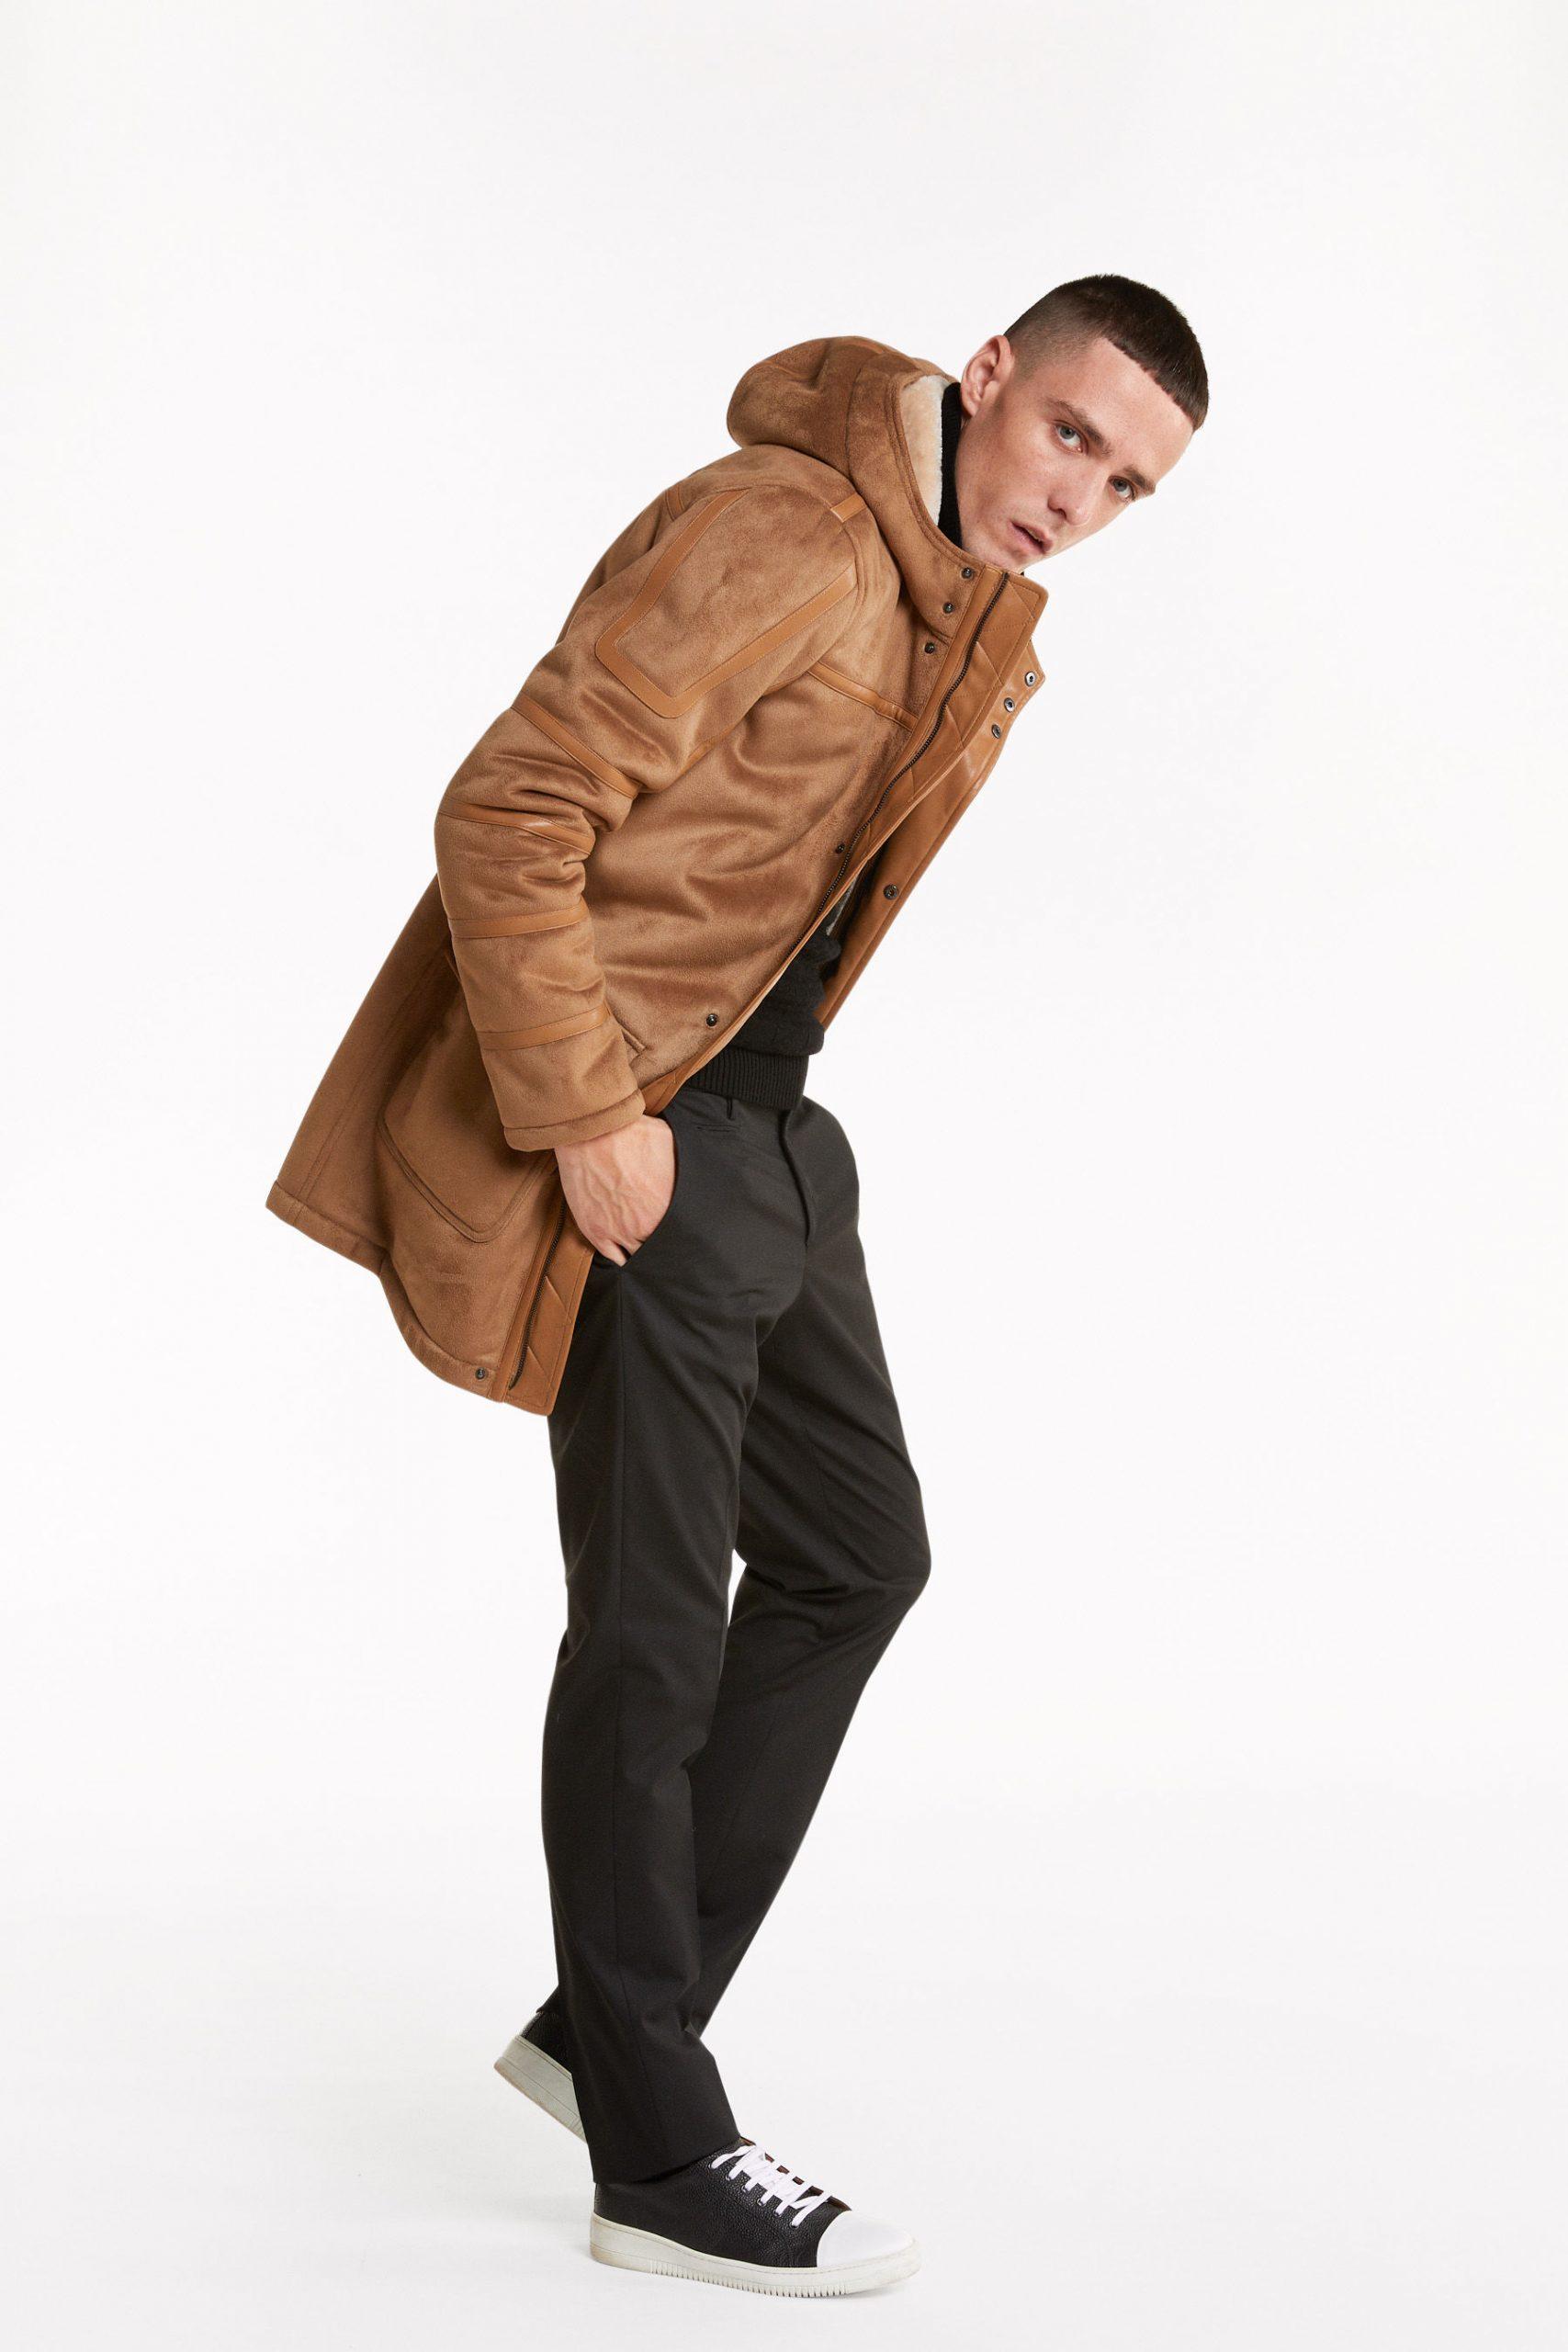 Abbigliamento Patrizia Pepe  Cappotto Montgomery FlannelBeige/Natural male collezione 2020 shop the look